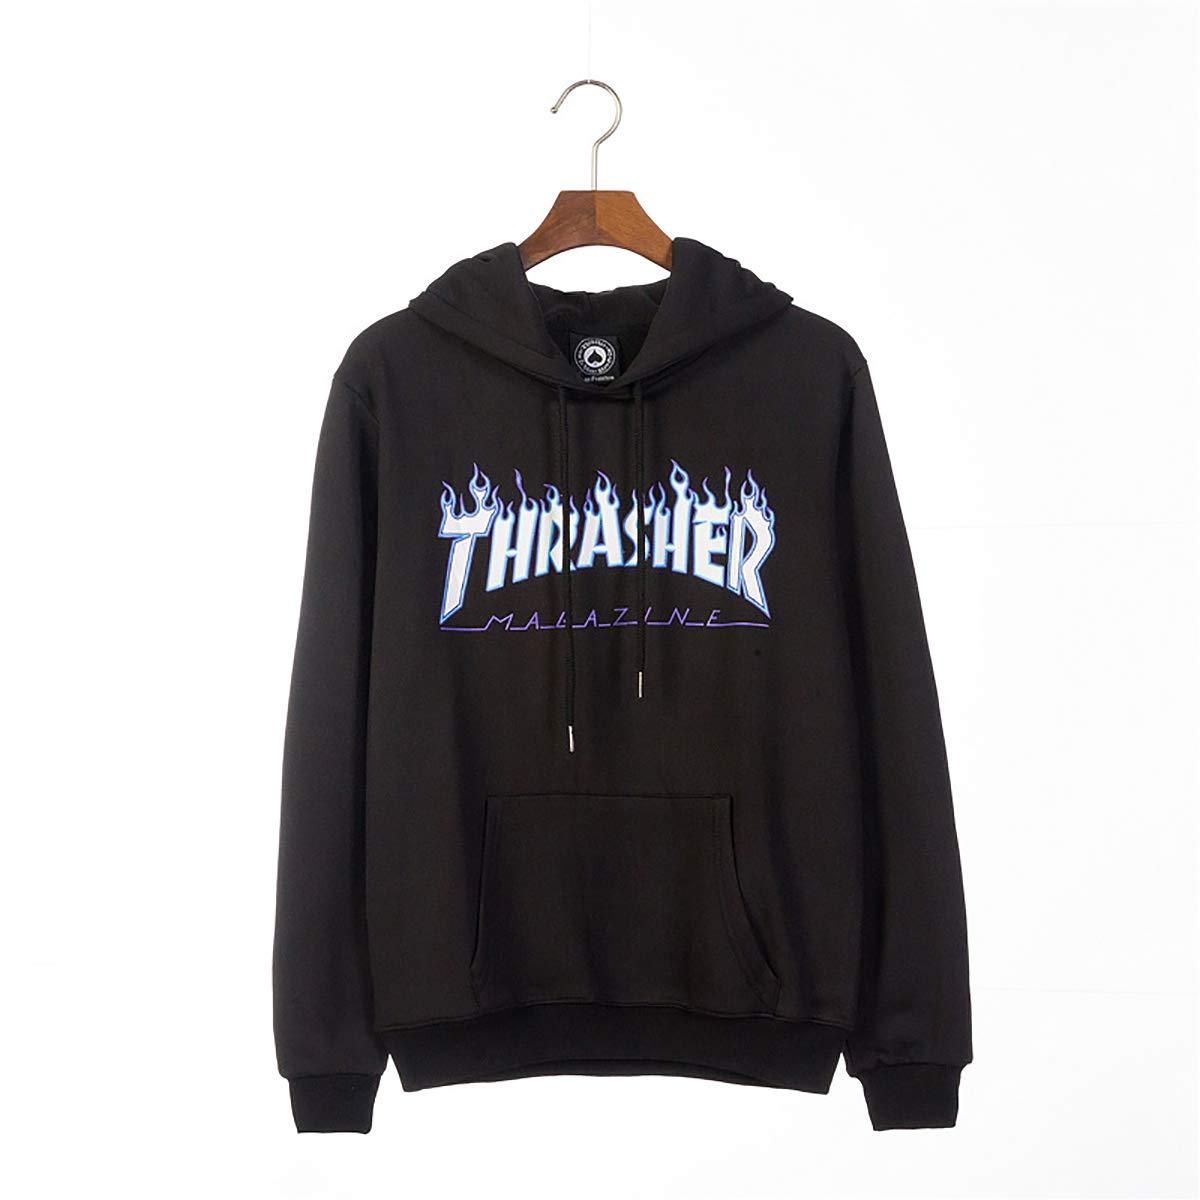 W&TT Boy Hooded Sudadera, otoño e Invierno de algodón de Terciopelo Caliente suéter de la Letra de la impresión Uniforme de béisbol,Black,M